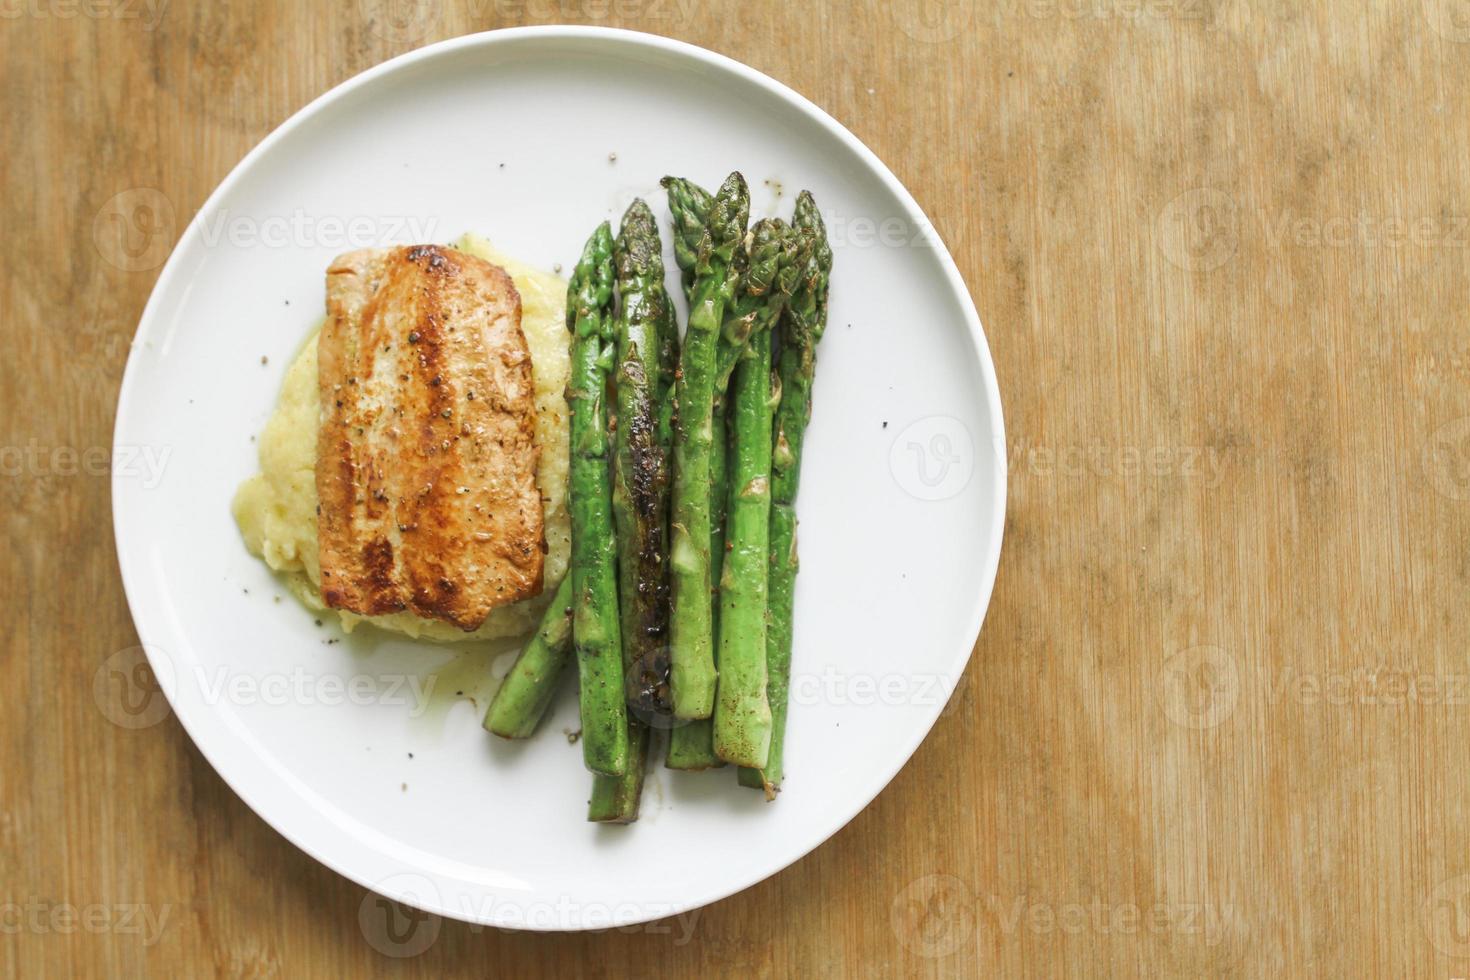 asparagi verdi arrostiti conditi con salmone grigliato su polenta foto